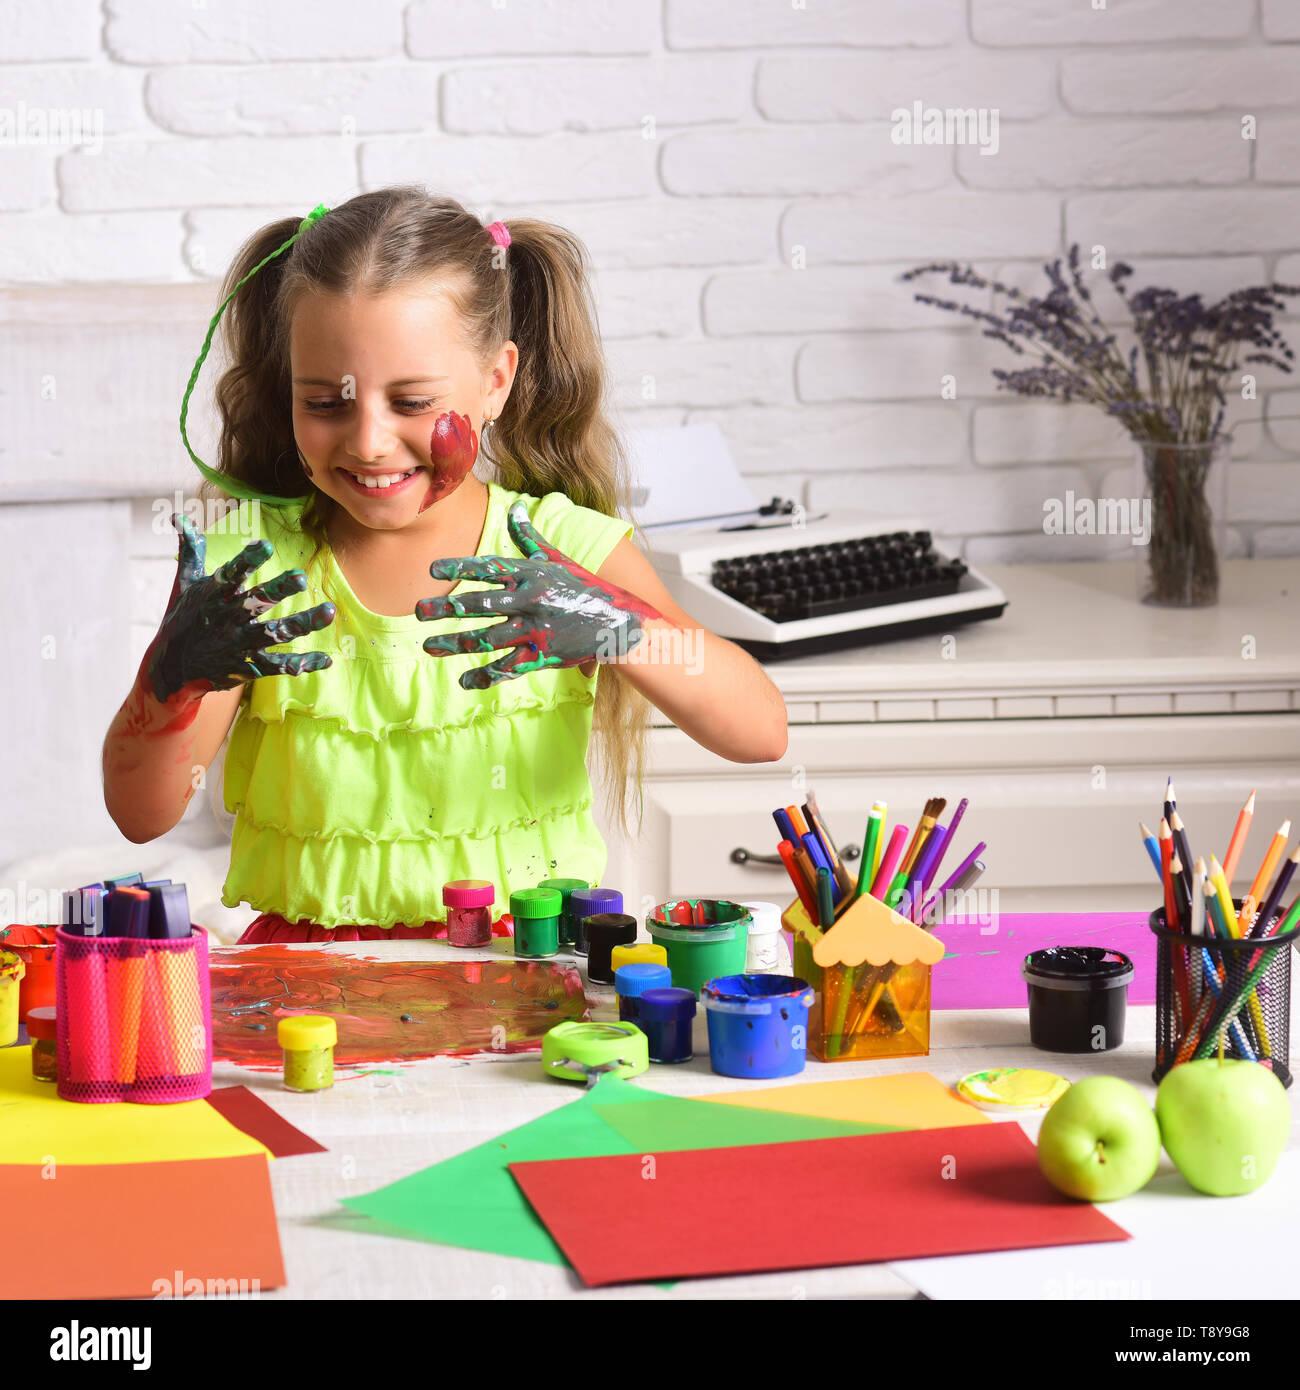 Pittore ragazza di verniciatura con vernici a tempera su tavola Immagini Stock